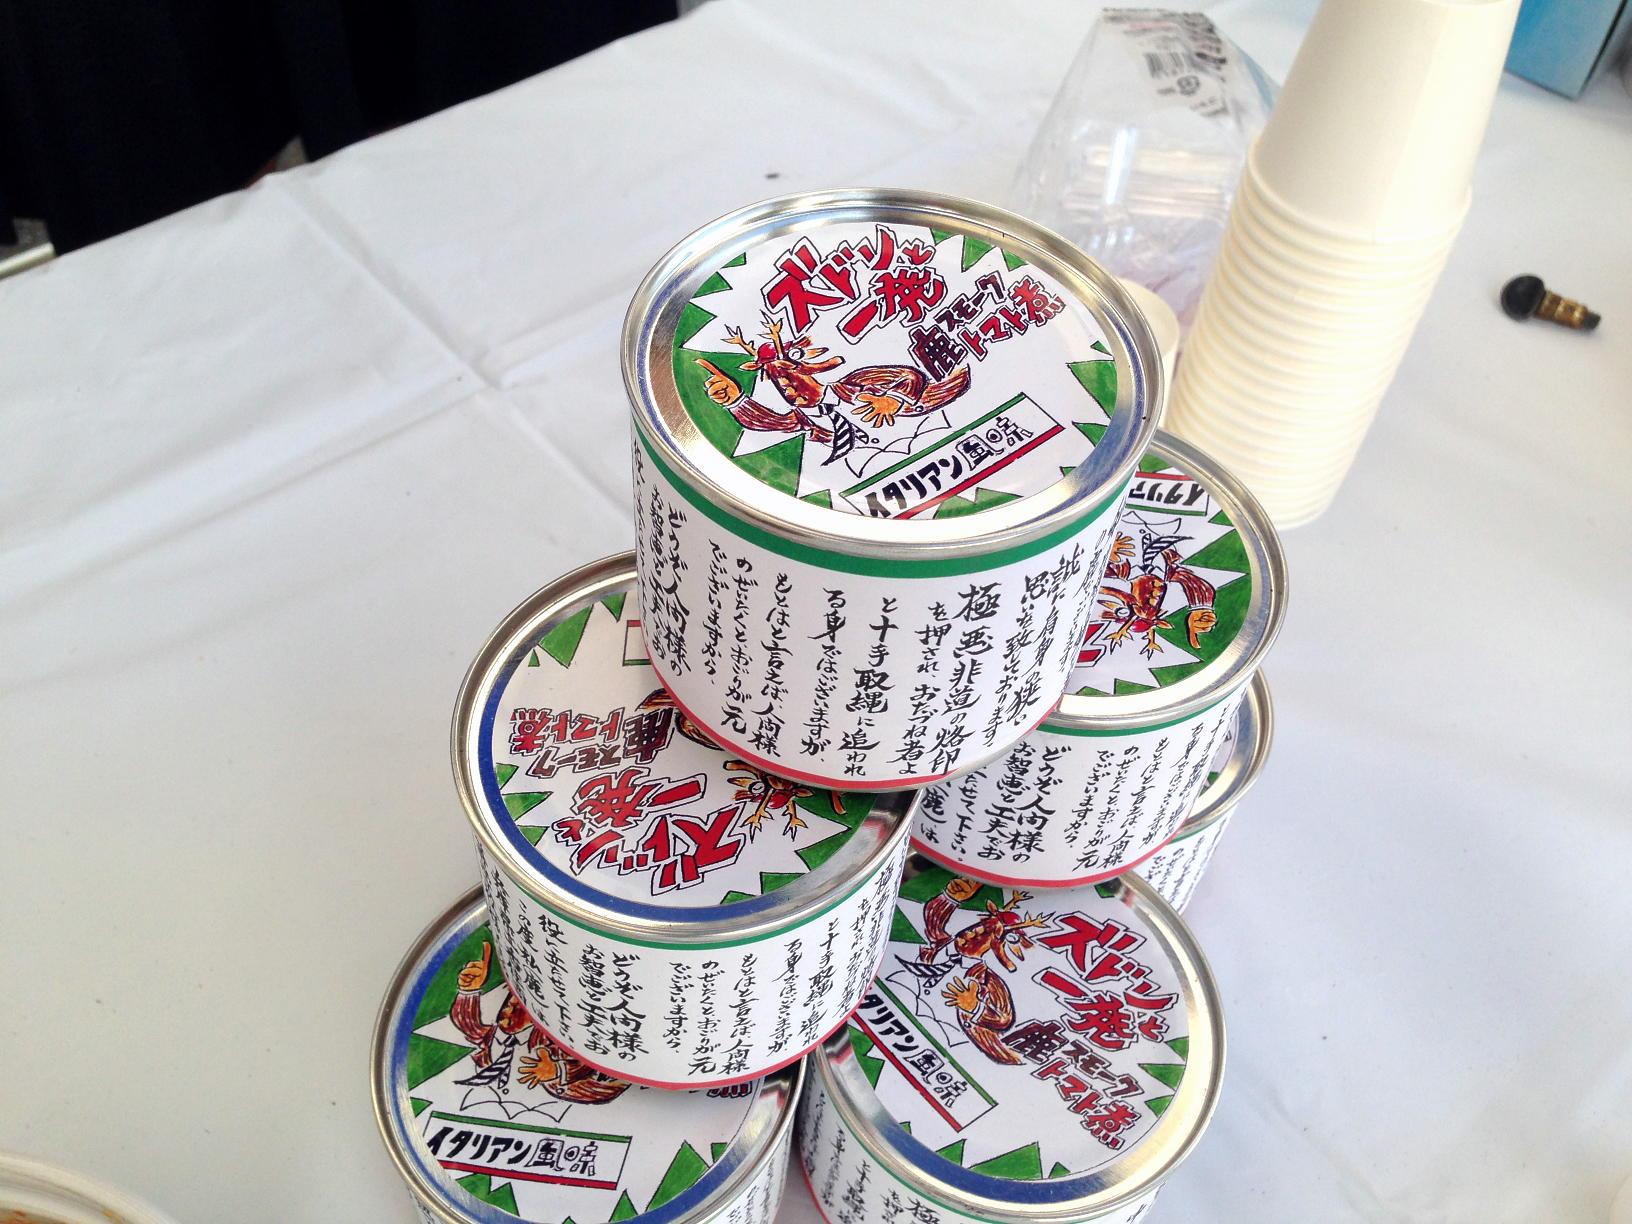 『香味煙』さんで来月発売予定の鹿肉の缶詰、乞うご期待!!